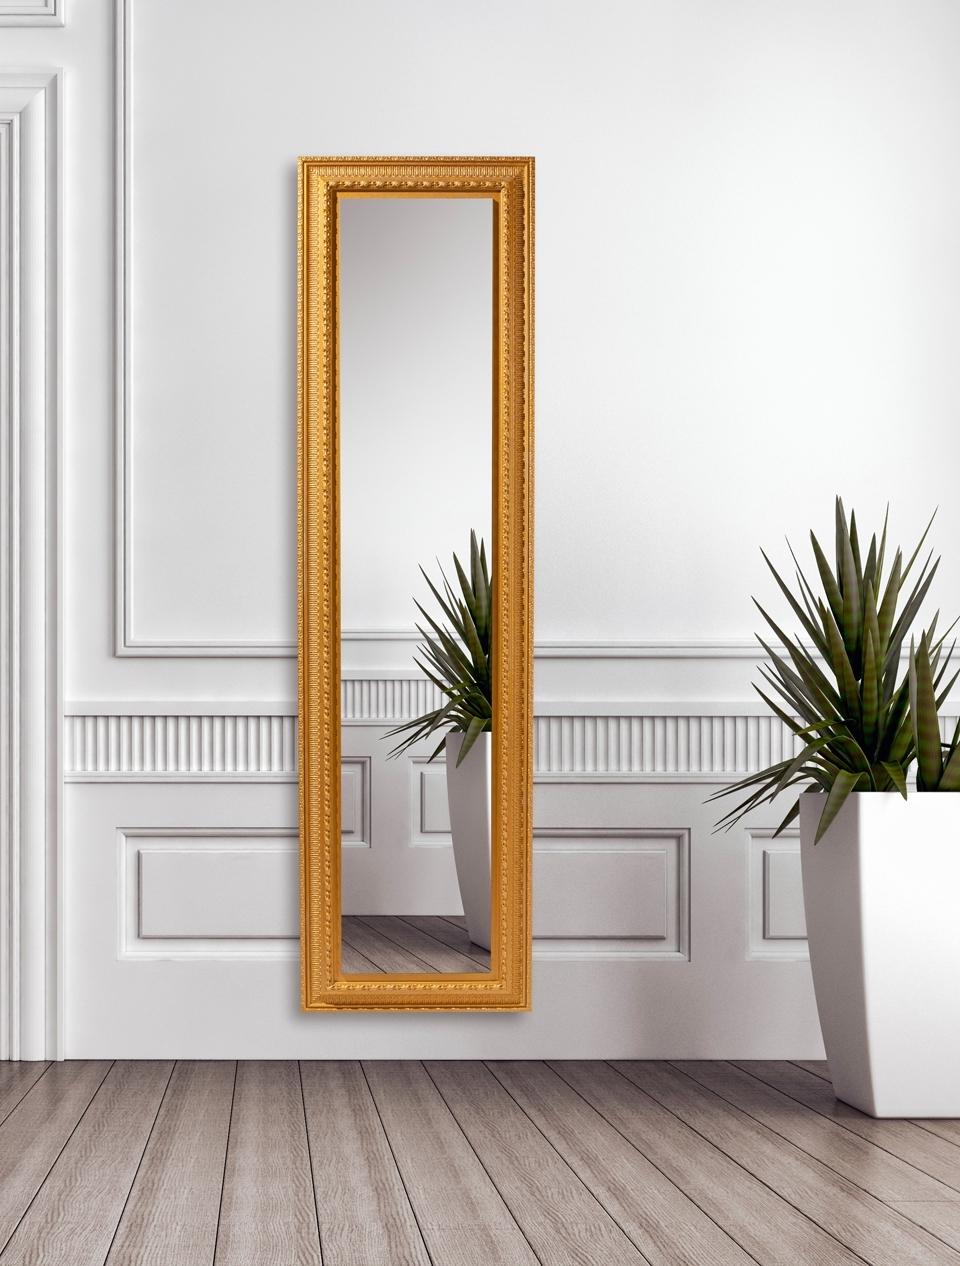 Spiegelreflex: Die ornamentale Struktur des BEMM Olycal Royal zitiert Kunststile verschiedener Epochen. Hier im Farbton Gold aus Jemen.